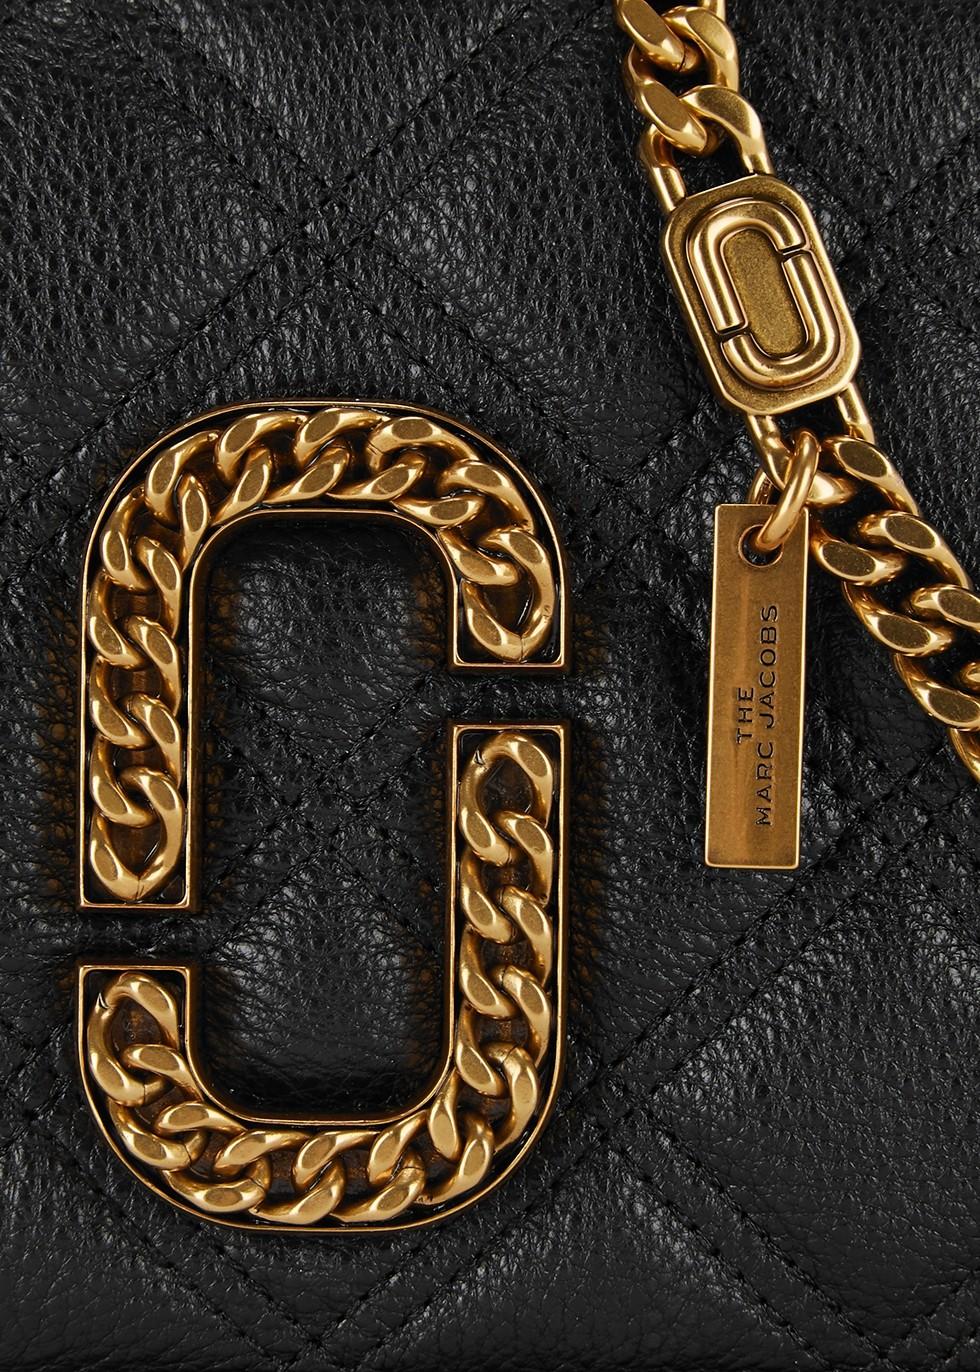 【名牌手袋2020】保值黑色手袋價錢+款式/入門款網購最平HK$3,200